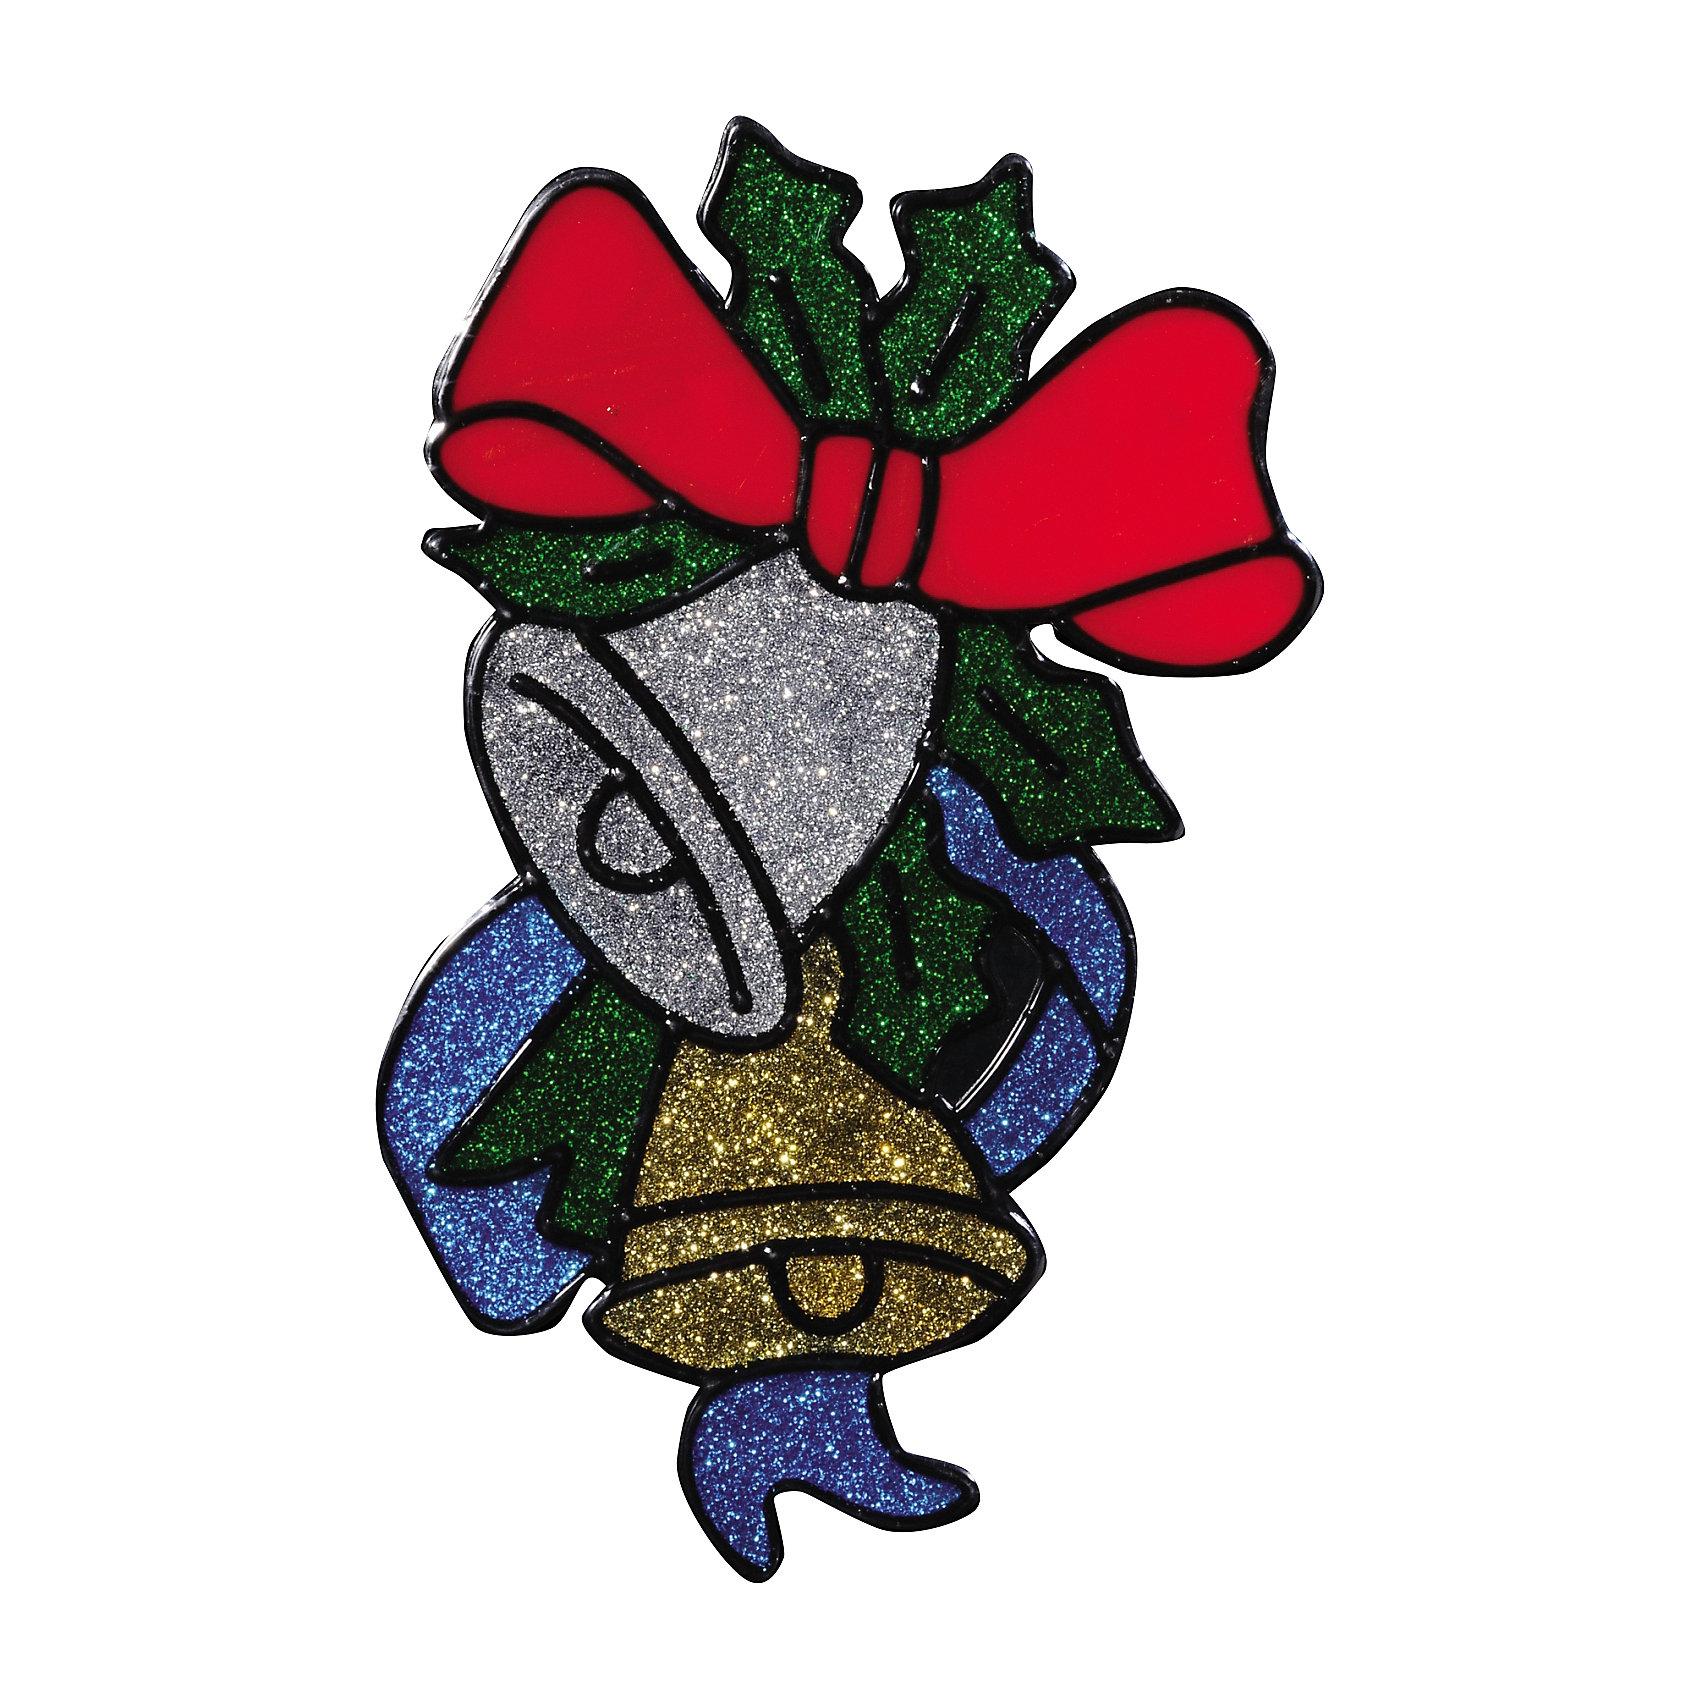 Наклейке на окно Серебряный звон 12*18 смНаклейка на окно Серебряный звон 12*18 см превосходно подходит для праздничного оформления витрин, окон, зеркал и других элементов интерьера. Наклейка выполнена в виде 2 колокольчиков, украшенных праздничным бантом и лентами, и вся композиция декорирована блестками. Украшение поможет создать новогоднюю атмосферу, превратив окно в сказочный витраж! <br><br>Дополнительная информация:<br>-Материалы: силикон, блестки<br>-Размер в упаковке: 12х0,5х18 см<br>-Вес в упаковке: 26 г<br>-Размер: 12х18 см<br><br>Наклейка на окно Серебряный звон 12*18 см можно купить в нашем магазине.<br><br>Ширина мм: 120<br>Глубина мм: 5<br>Высота мм: 180<br>Вес г: 26<br>Возраст от месяцев: 84<br>Возраст до месяцев: 2147483647<br>Пол: Унисекс<br>Возраст: Детский<br>SKU: 4286728